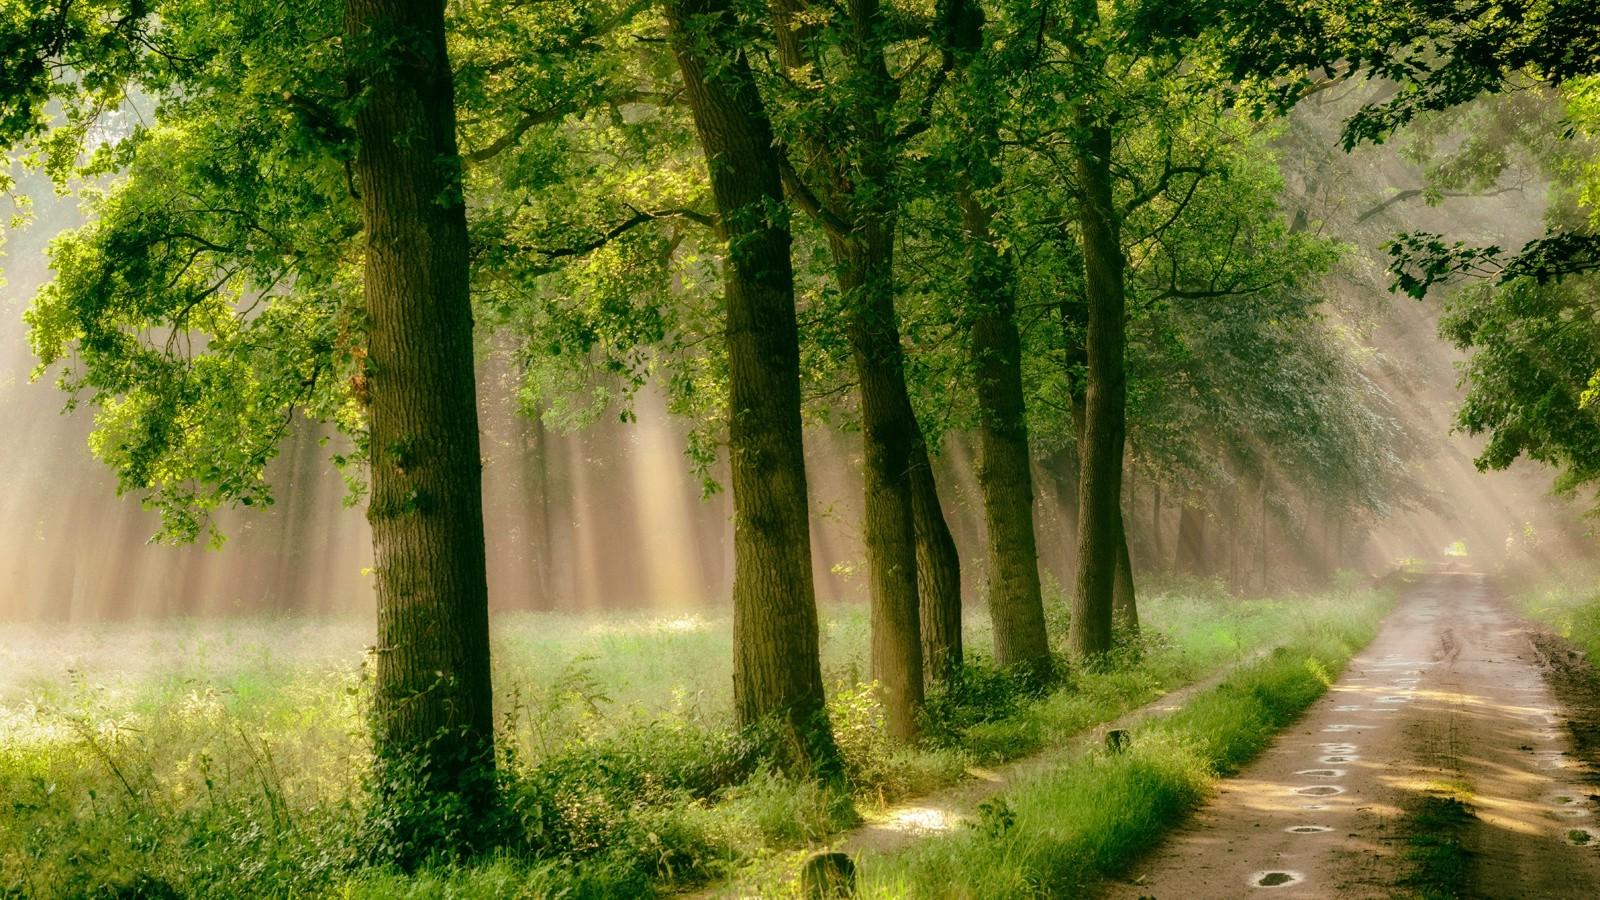 Wallpaper 1600x900 Px Forest Grass Green Landscape